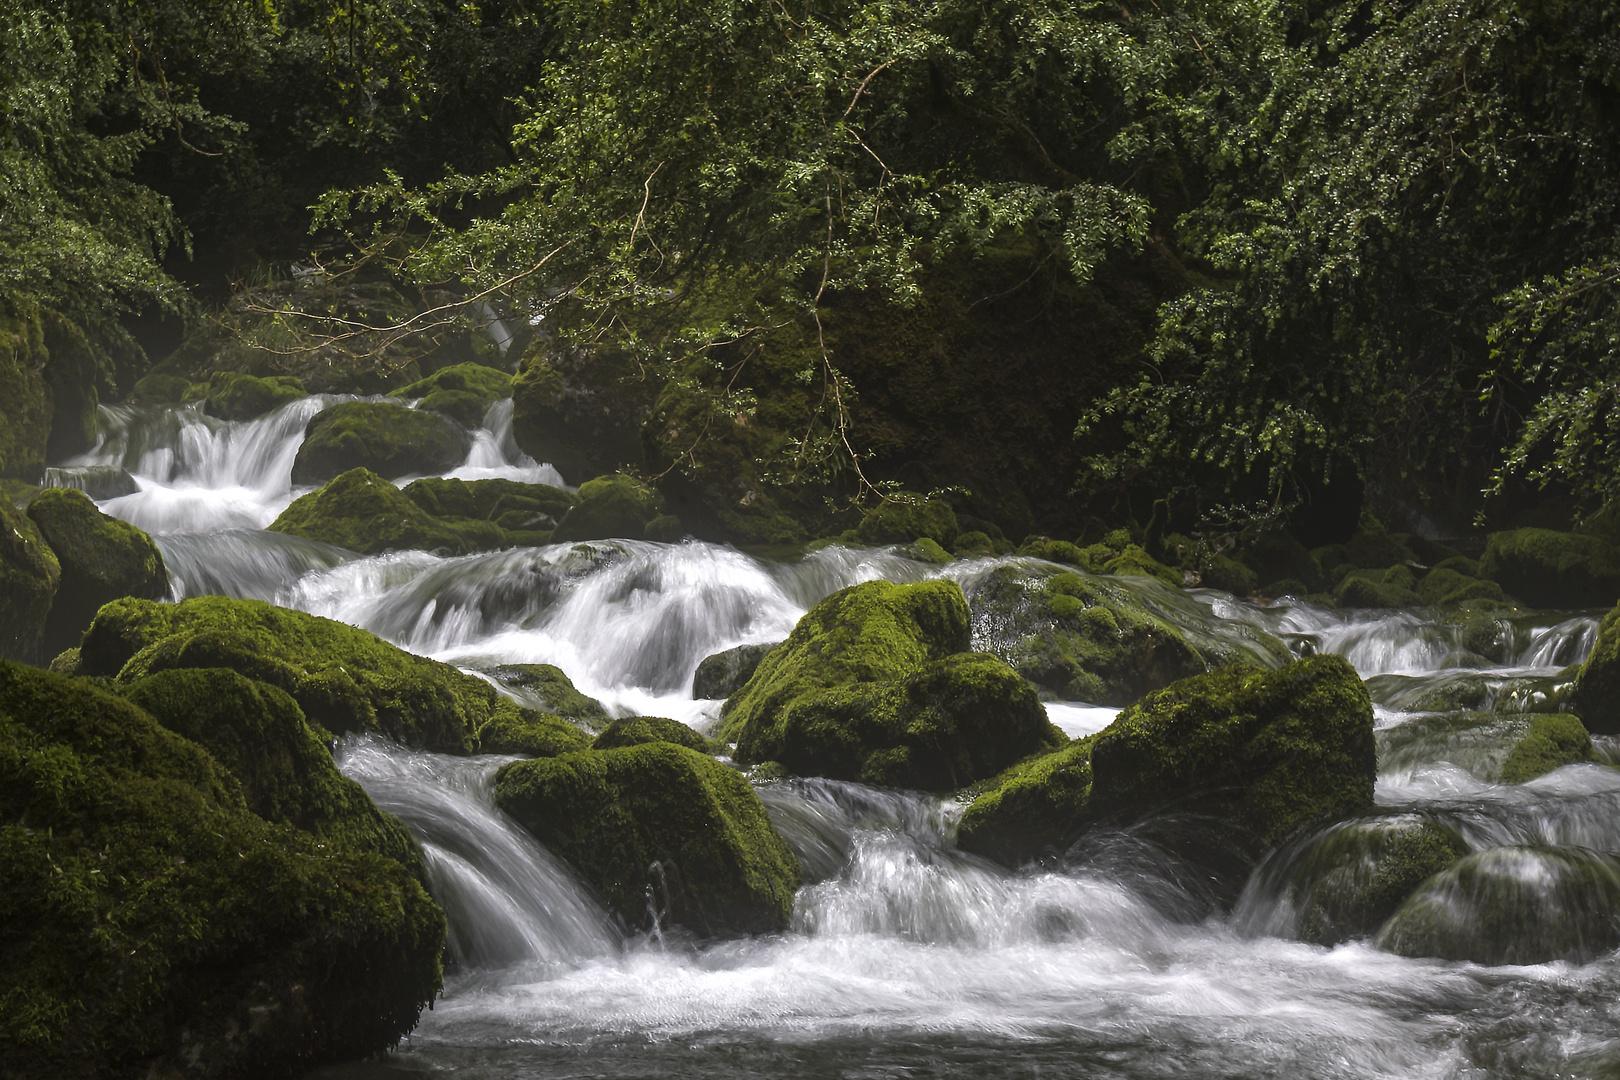 Wasser Steine Und Moos Foto Bild France World Wald Bilder